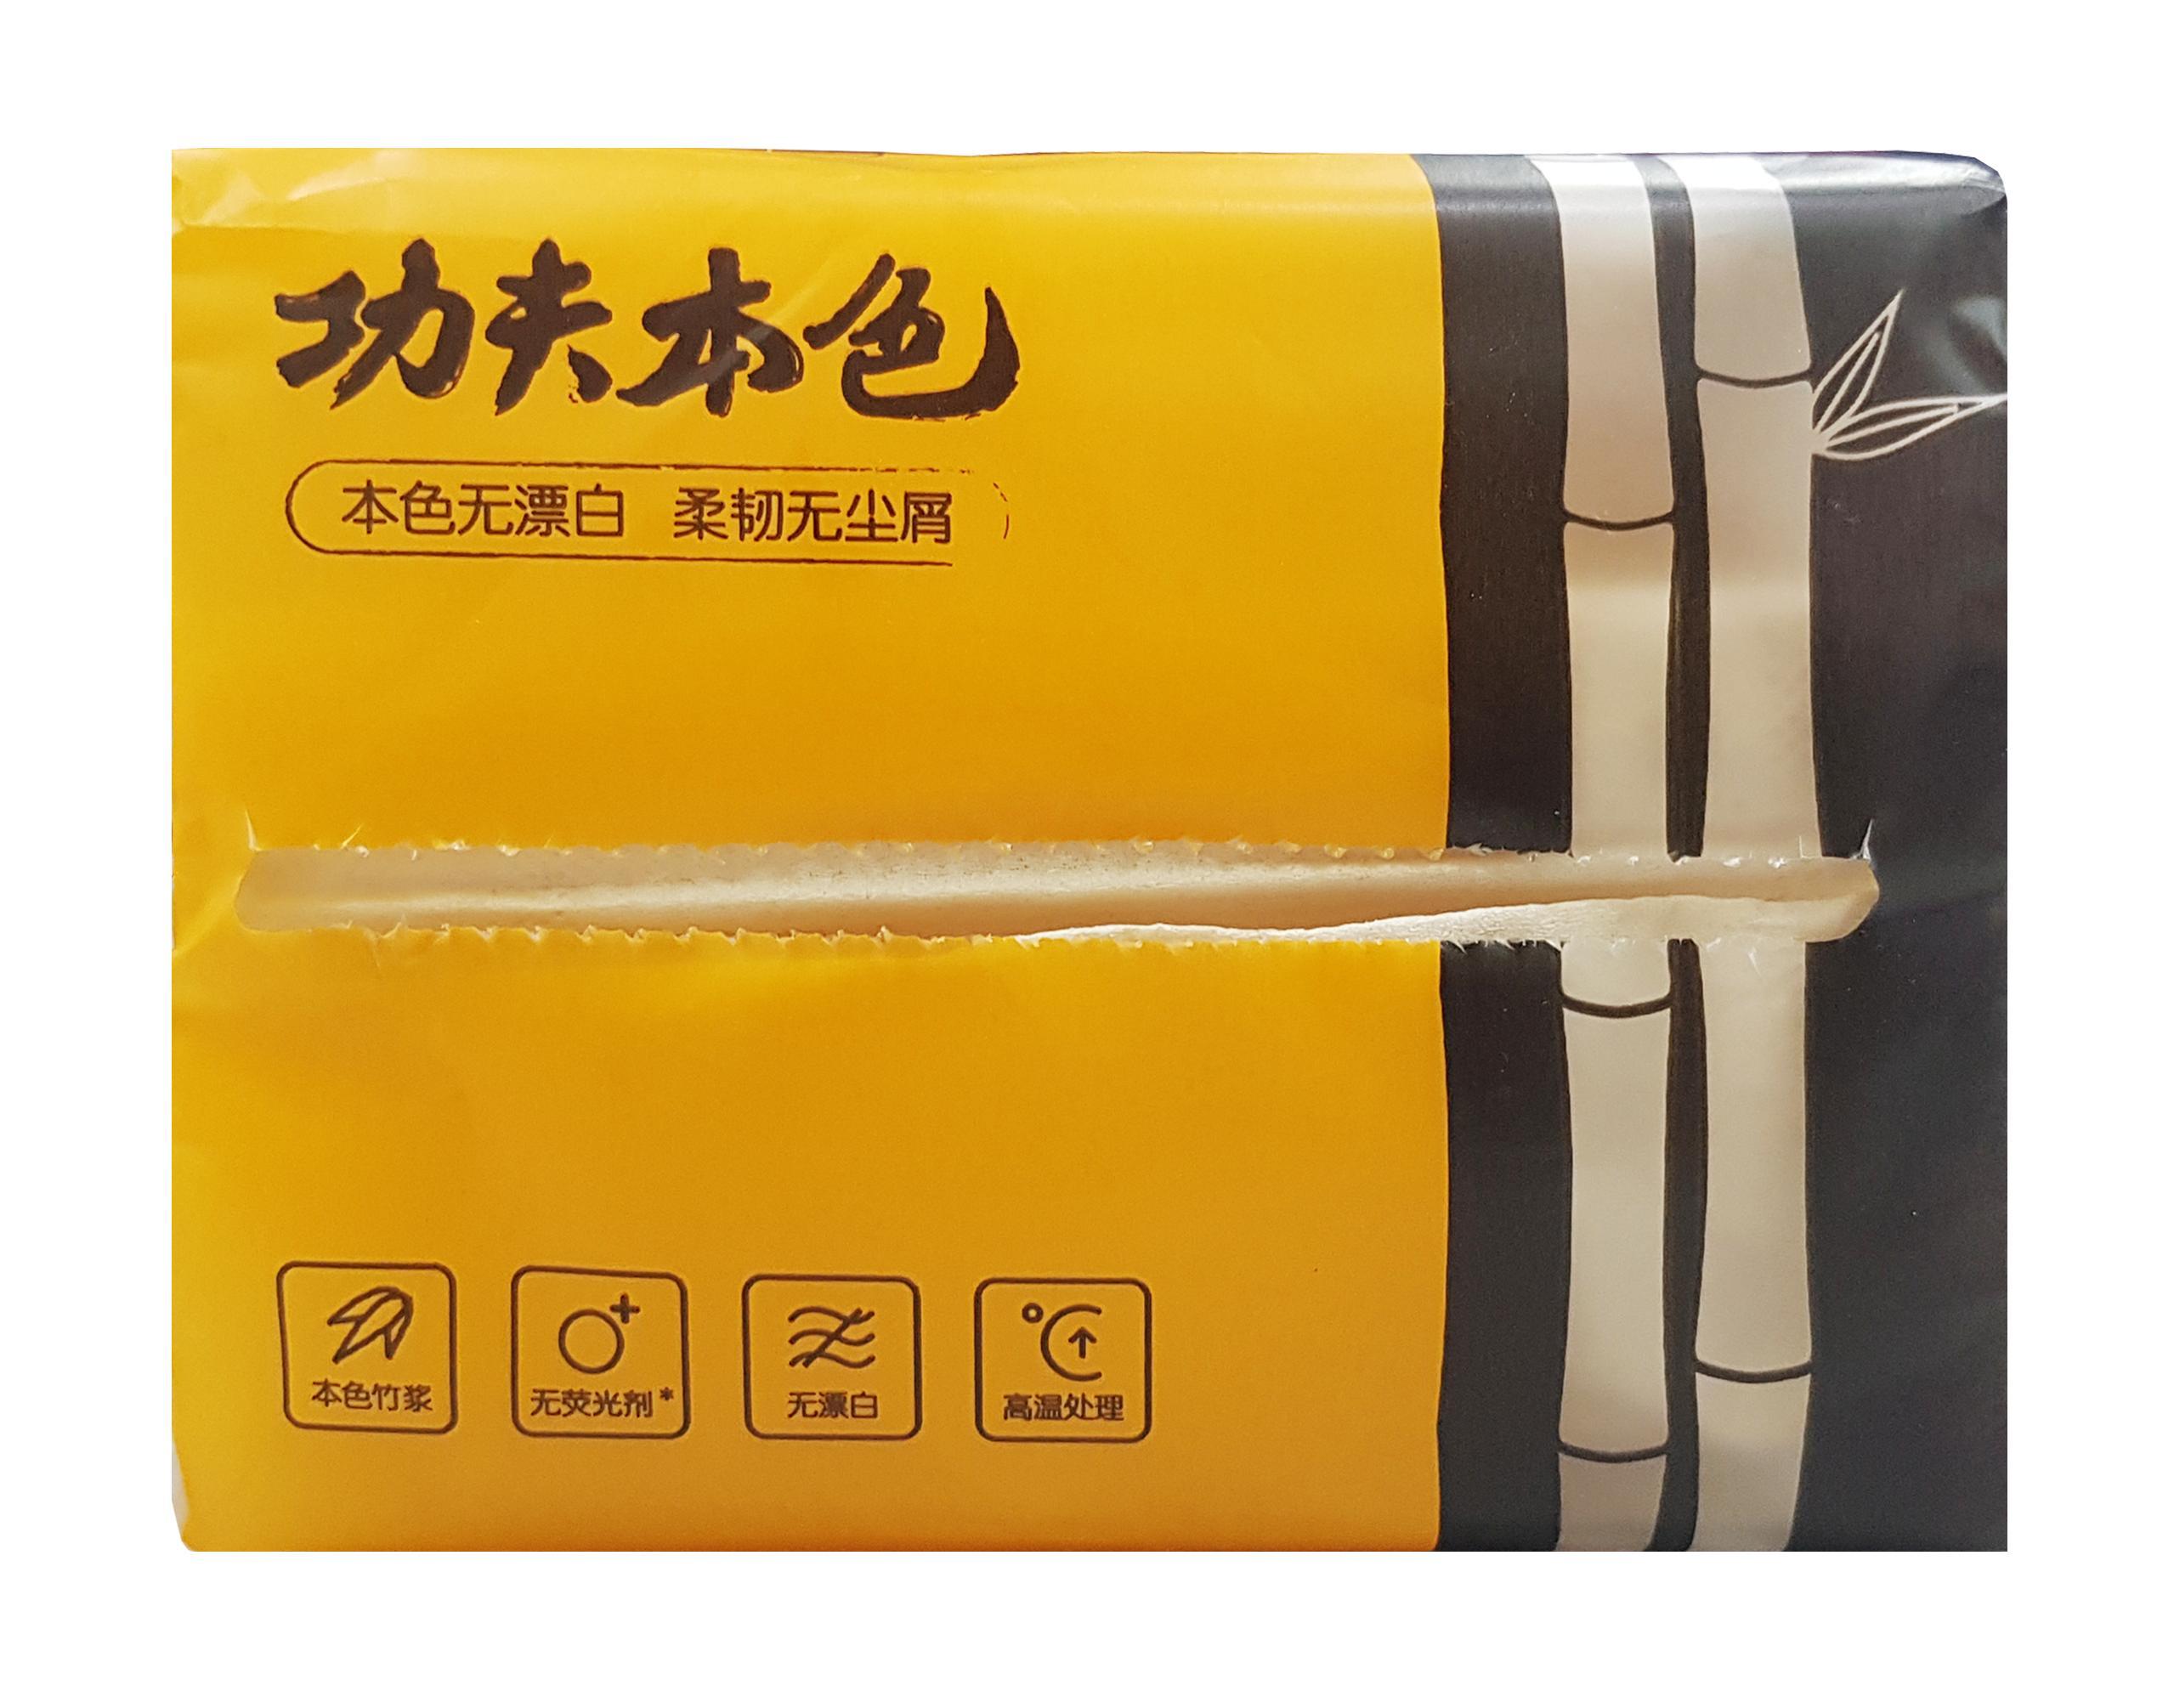 Thùng 30 gói Giấy ăn gấu trúc Panda gói 300 tờ siêu dai hàng đẹp hai cây tre - Tặng 6 gói xả Thái dây loại 12 gói màu ngẫu nhiên